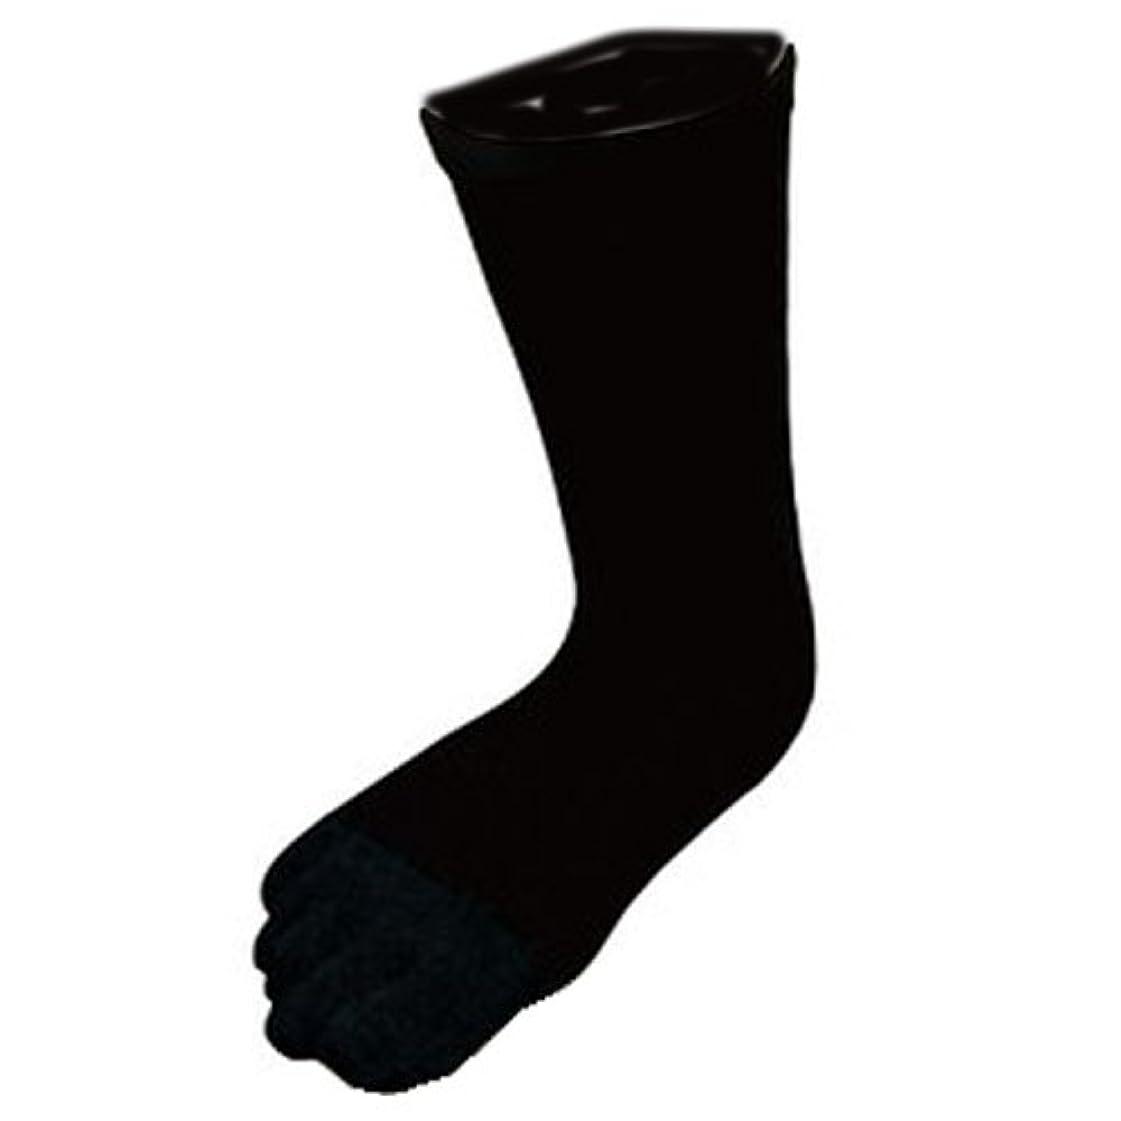 数値テスピアン更新する指先まであったか靴下 紳士用 ブラック